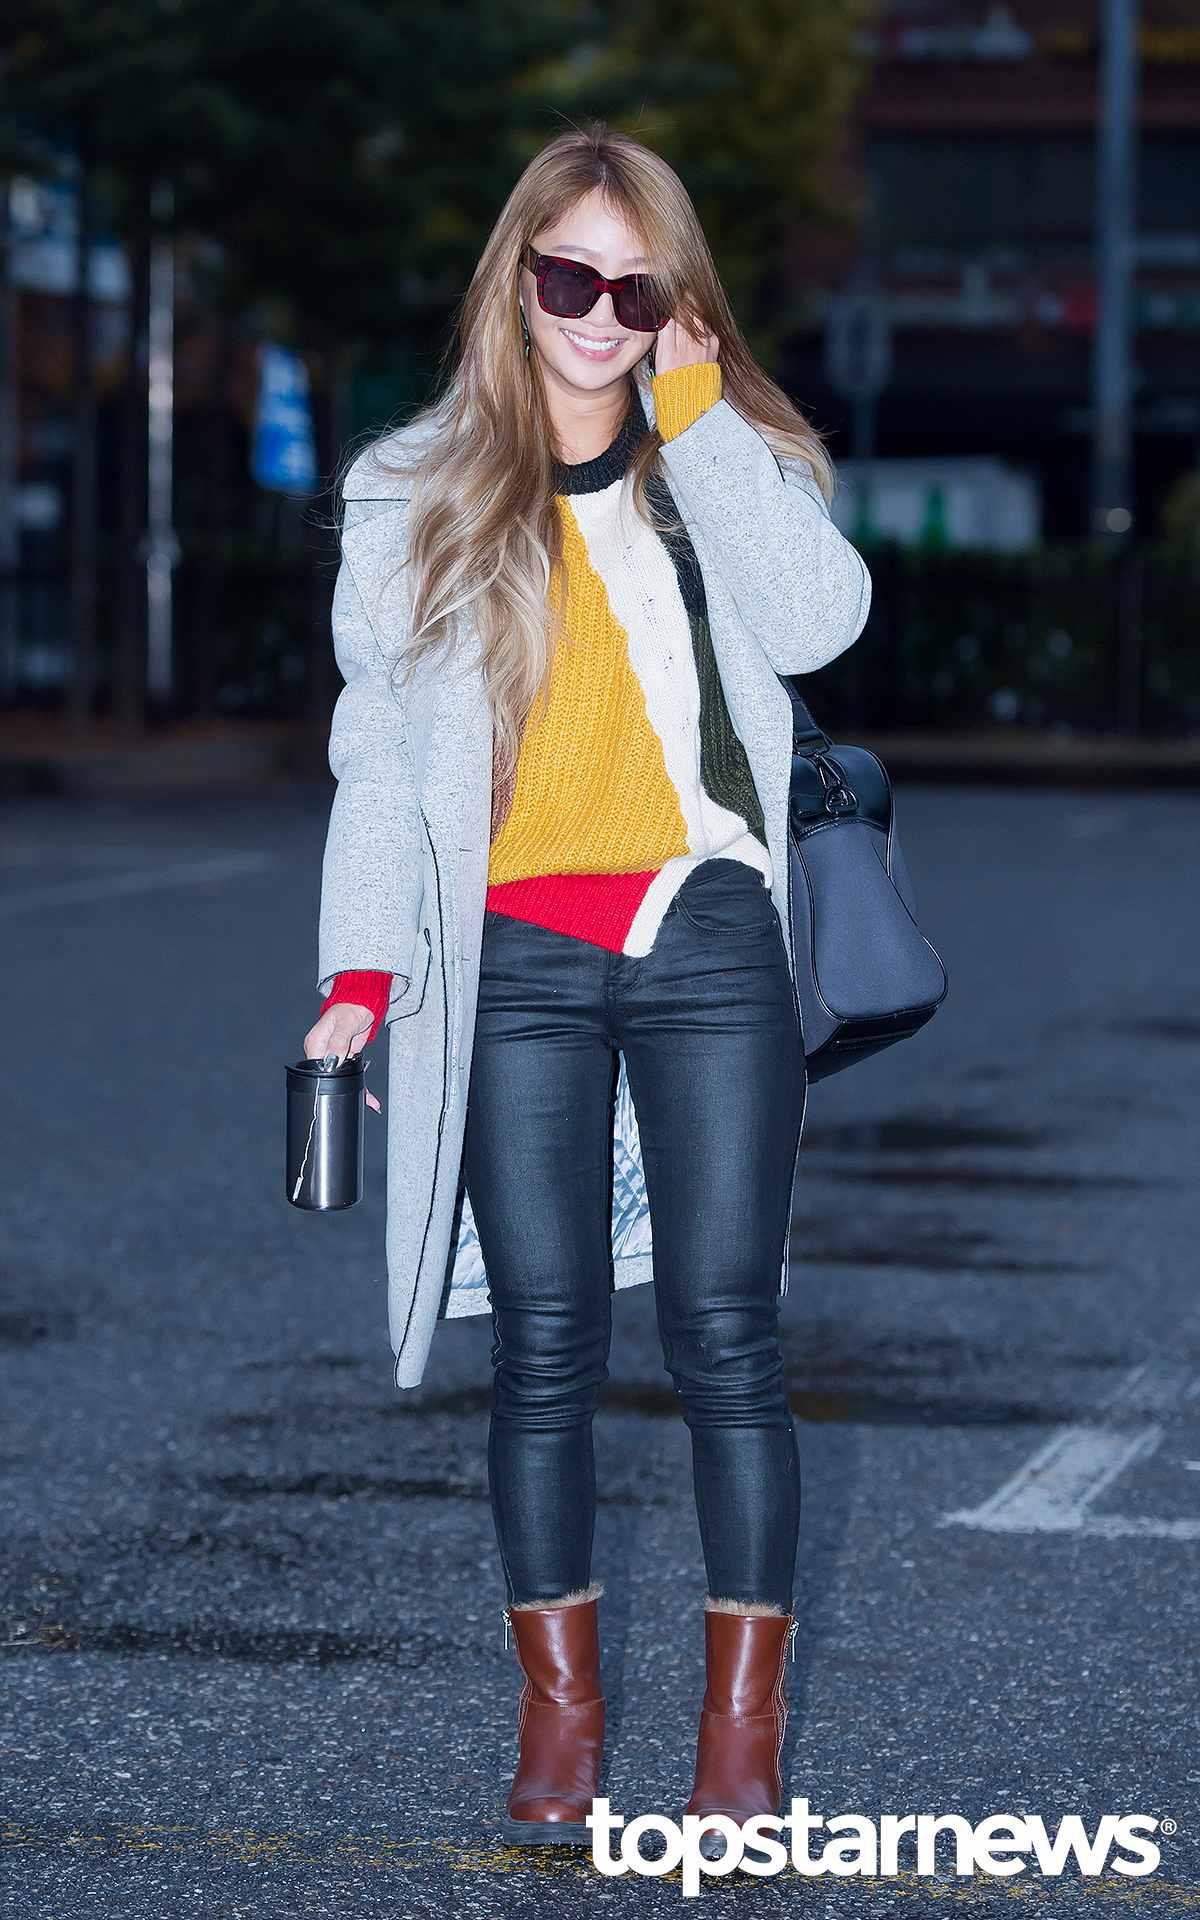 1.基本顏色款 說到冬天大衣,很多人一定會選擇安全的顏色,孝琳的灰色大衣就是很百搭的基本色,即使配上亮色黃衣也非常和諧。